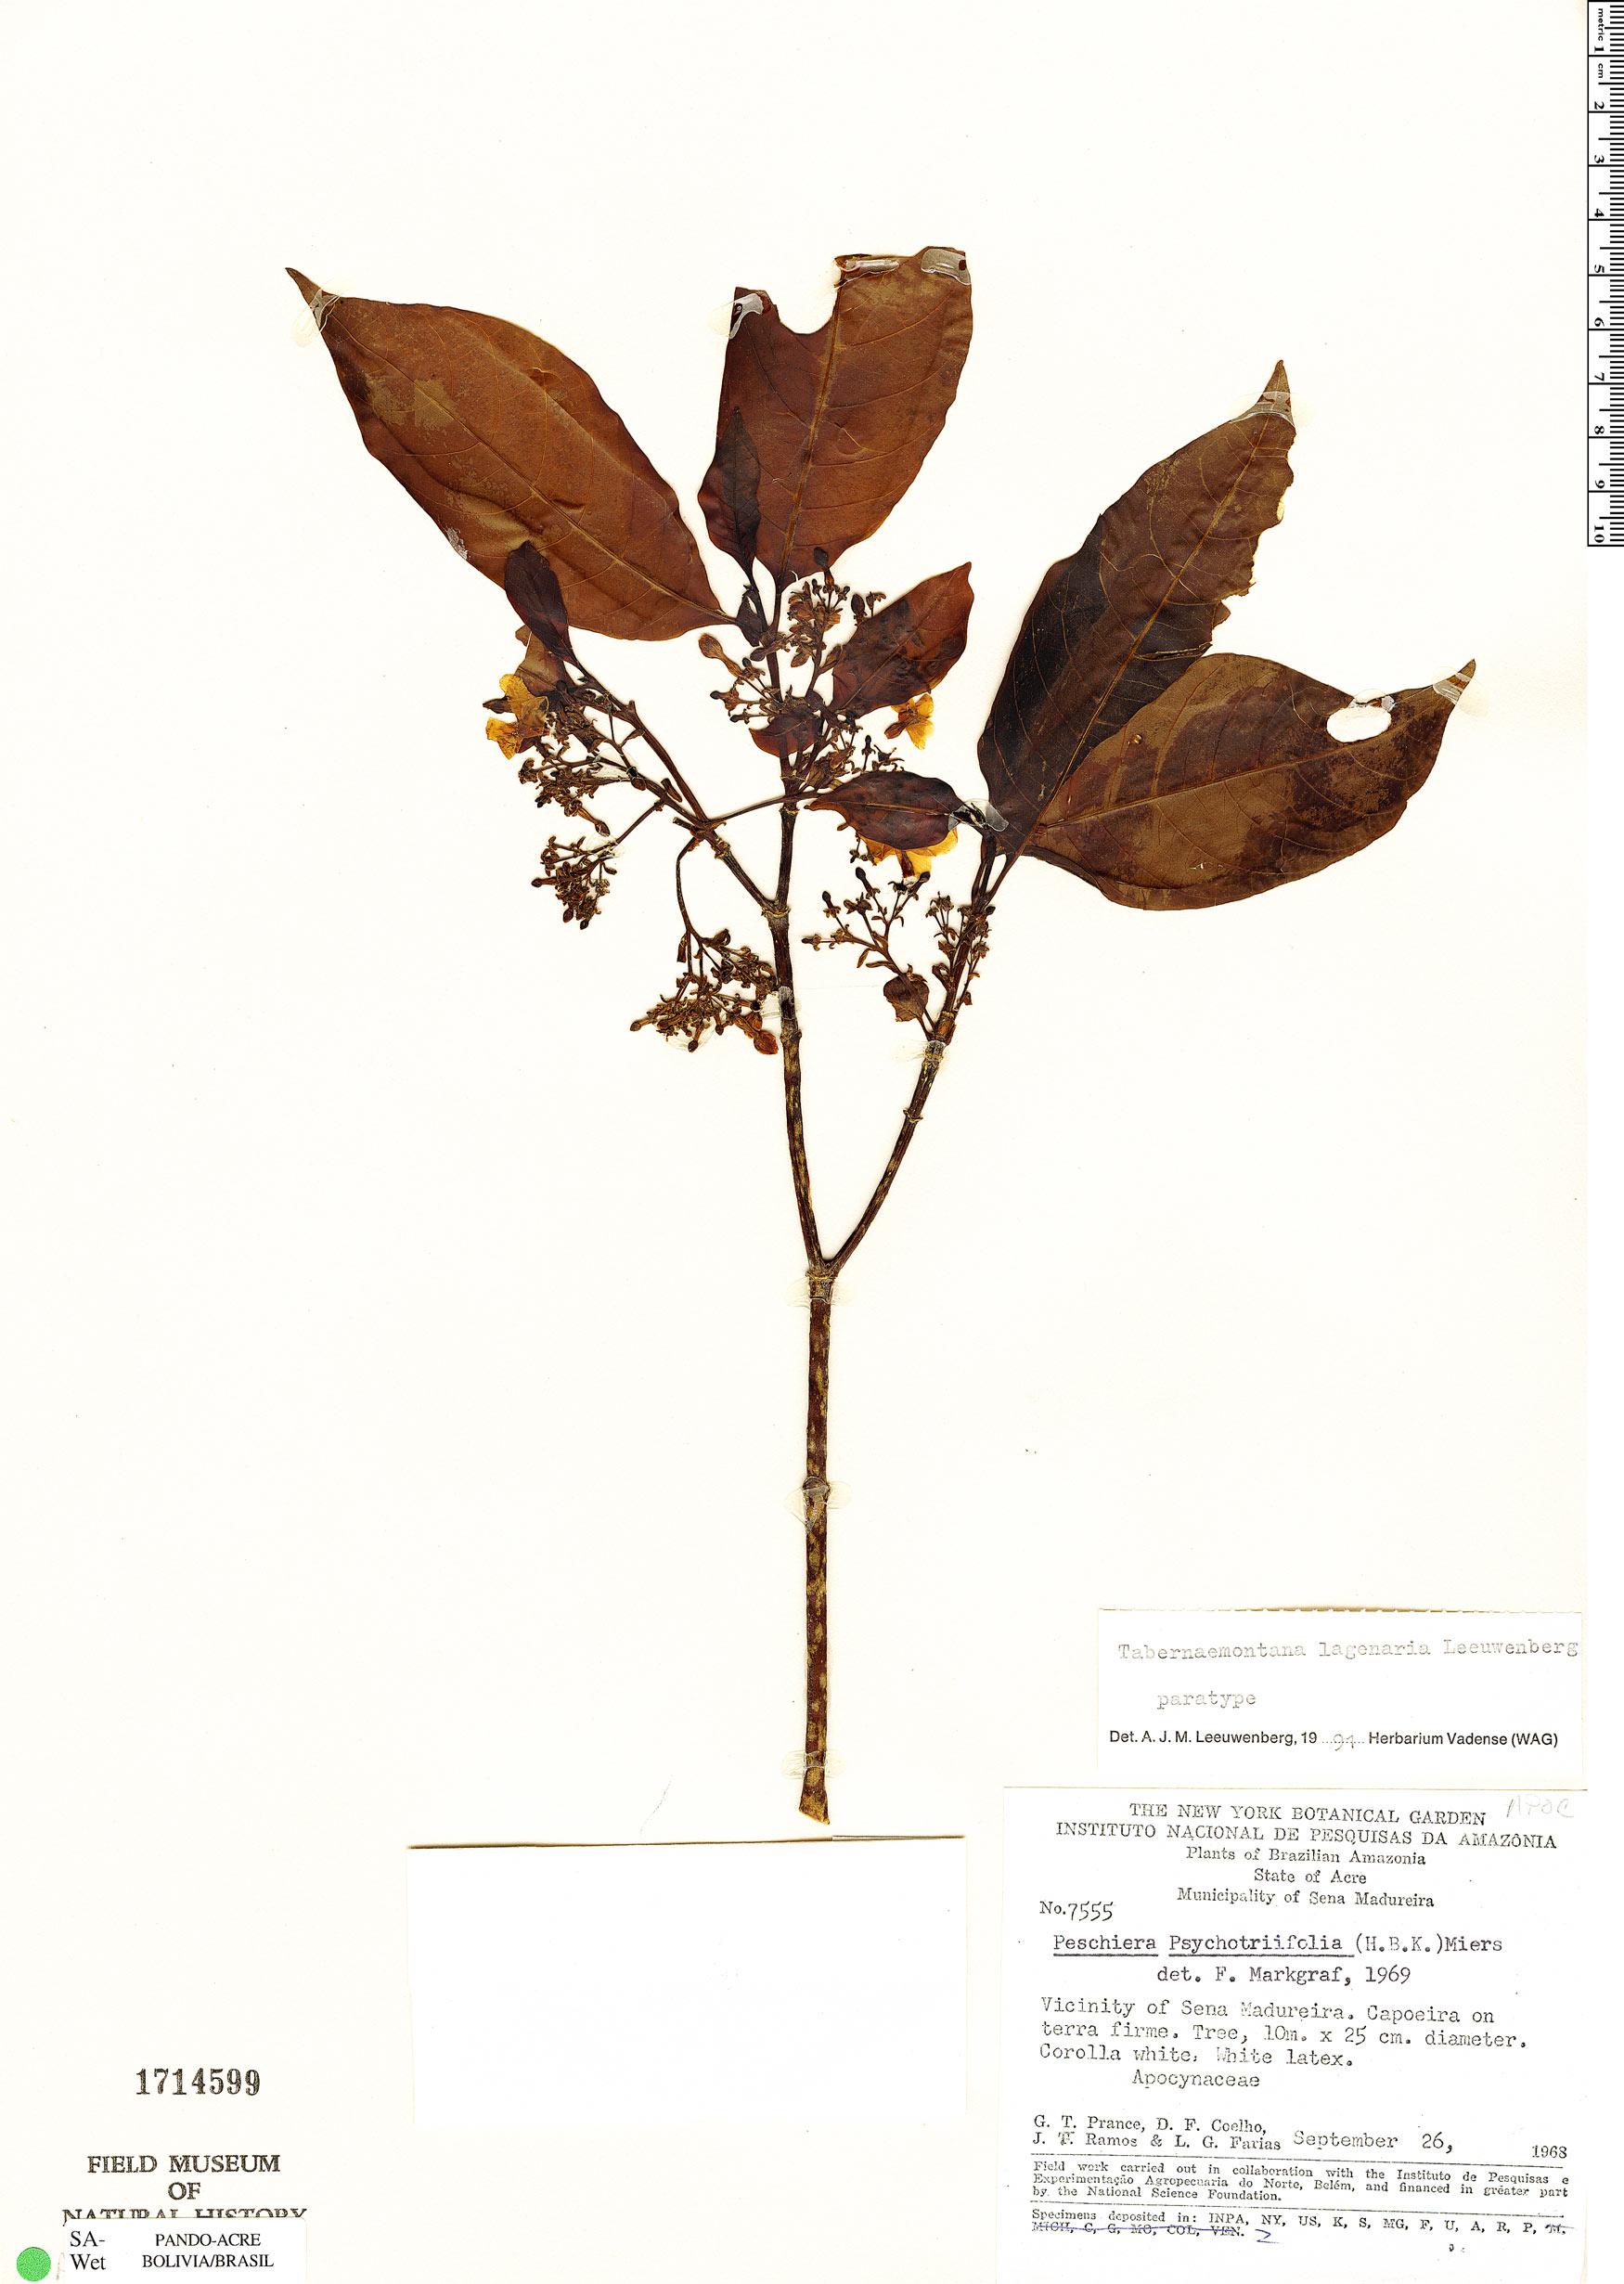 Espécime: Tabernaemontana lagenaria